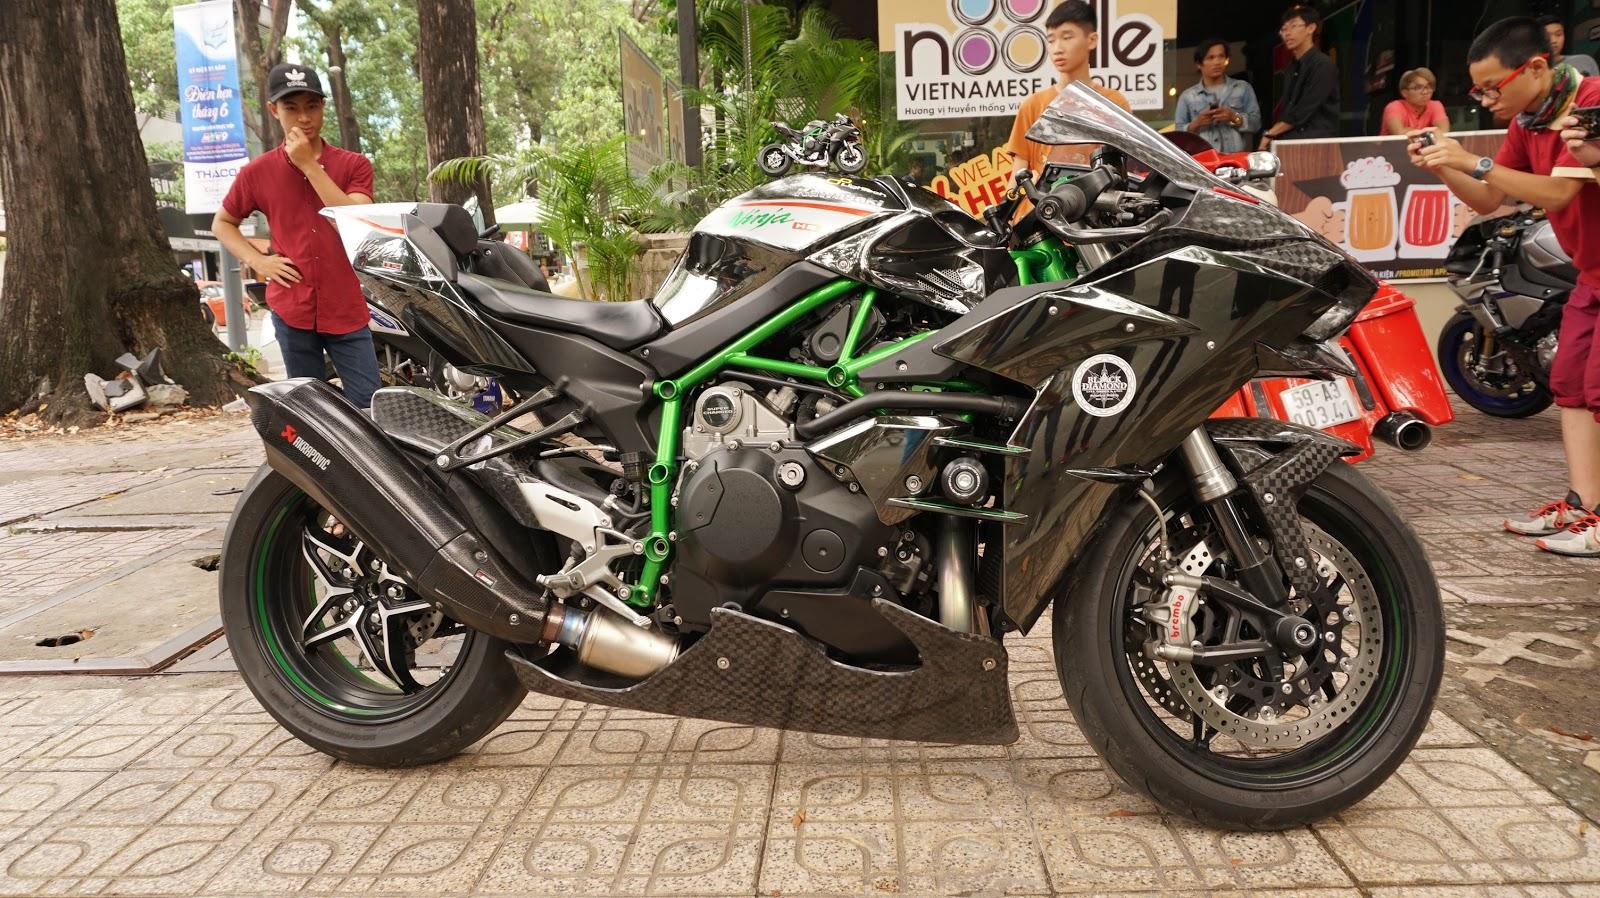 Sự xuất hiện của Kawasaki Ninja H2 làm mọi người bất ngờ